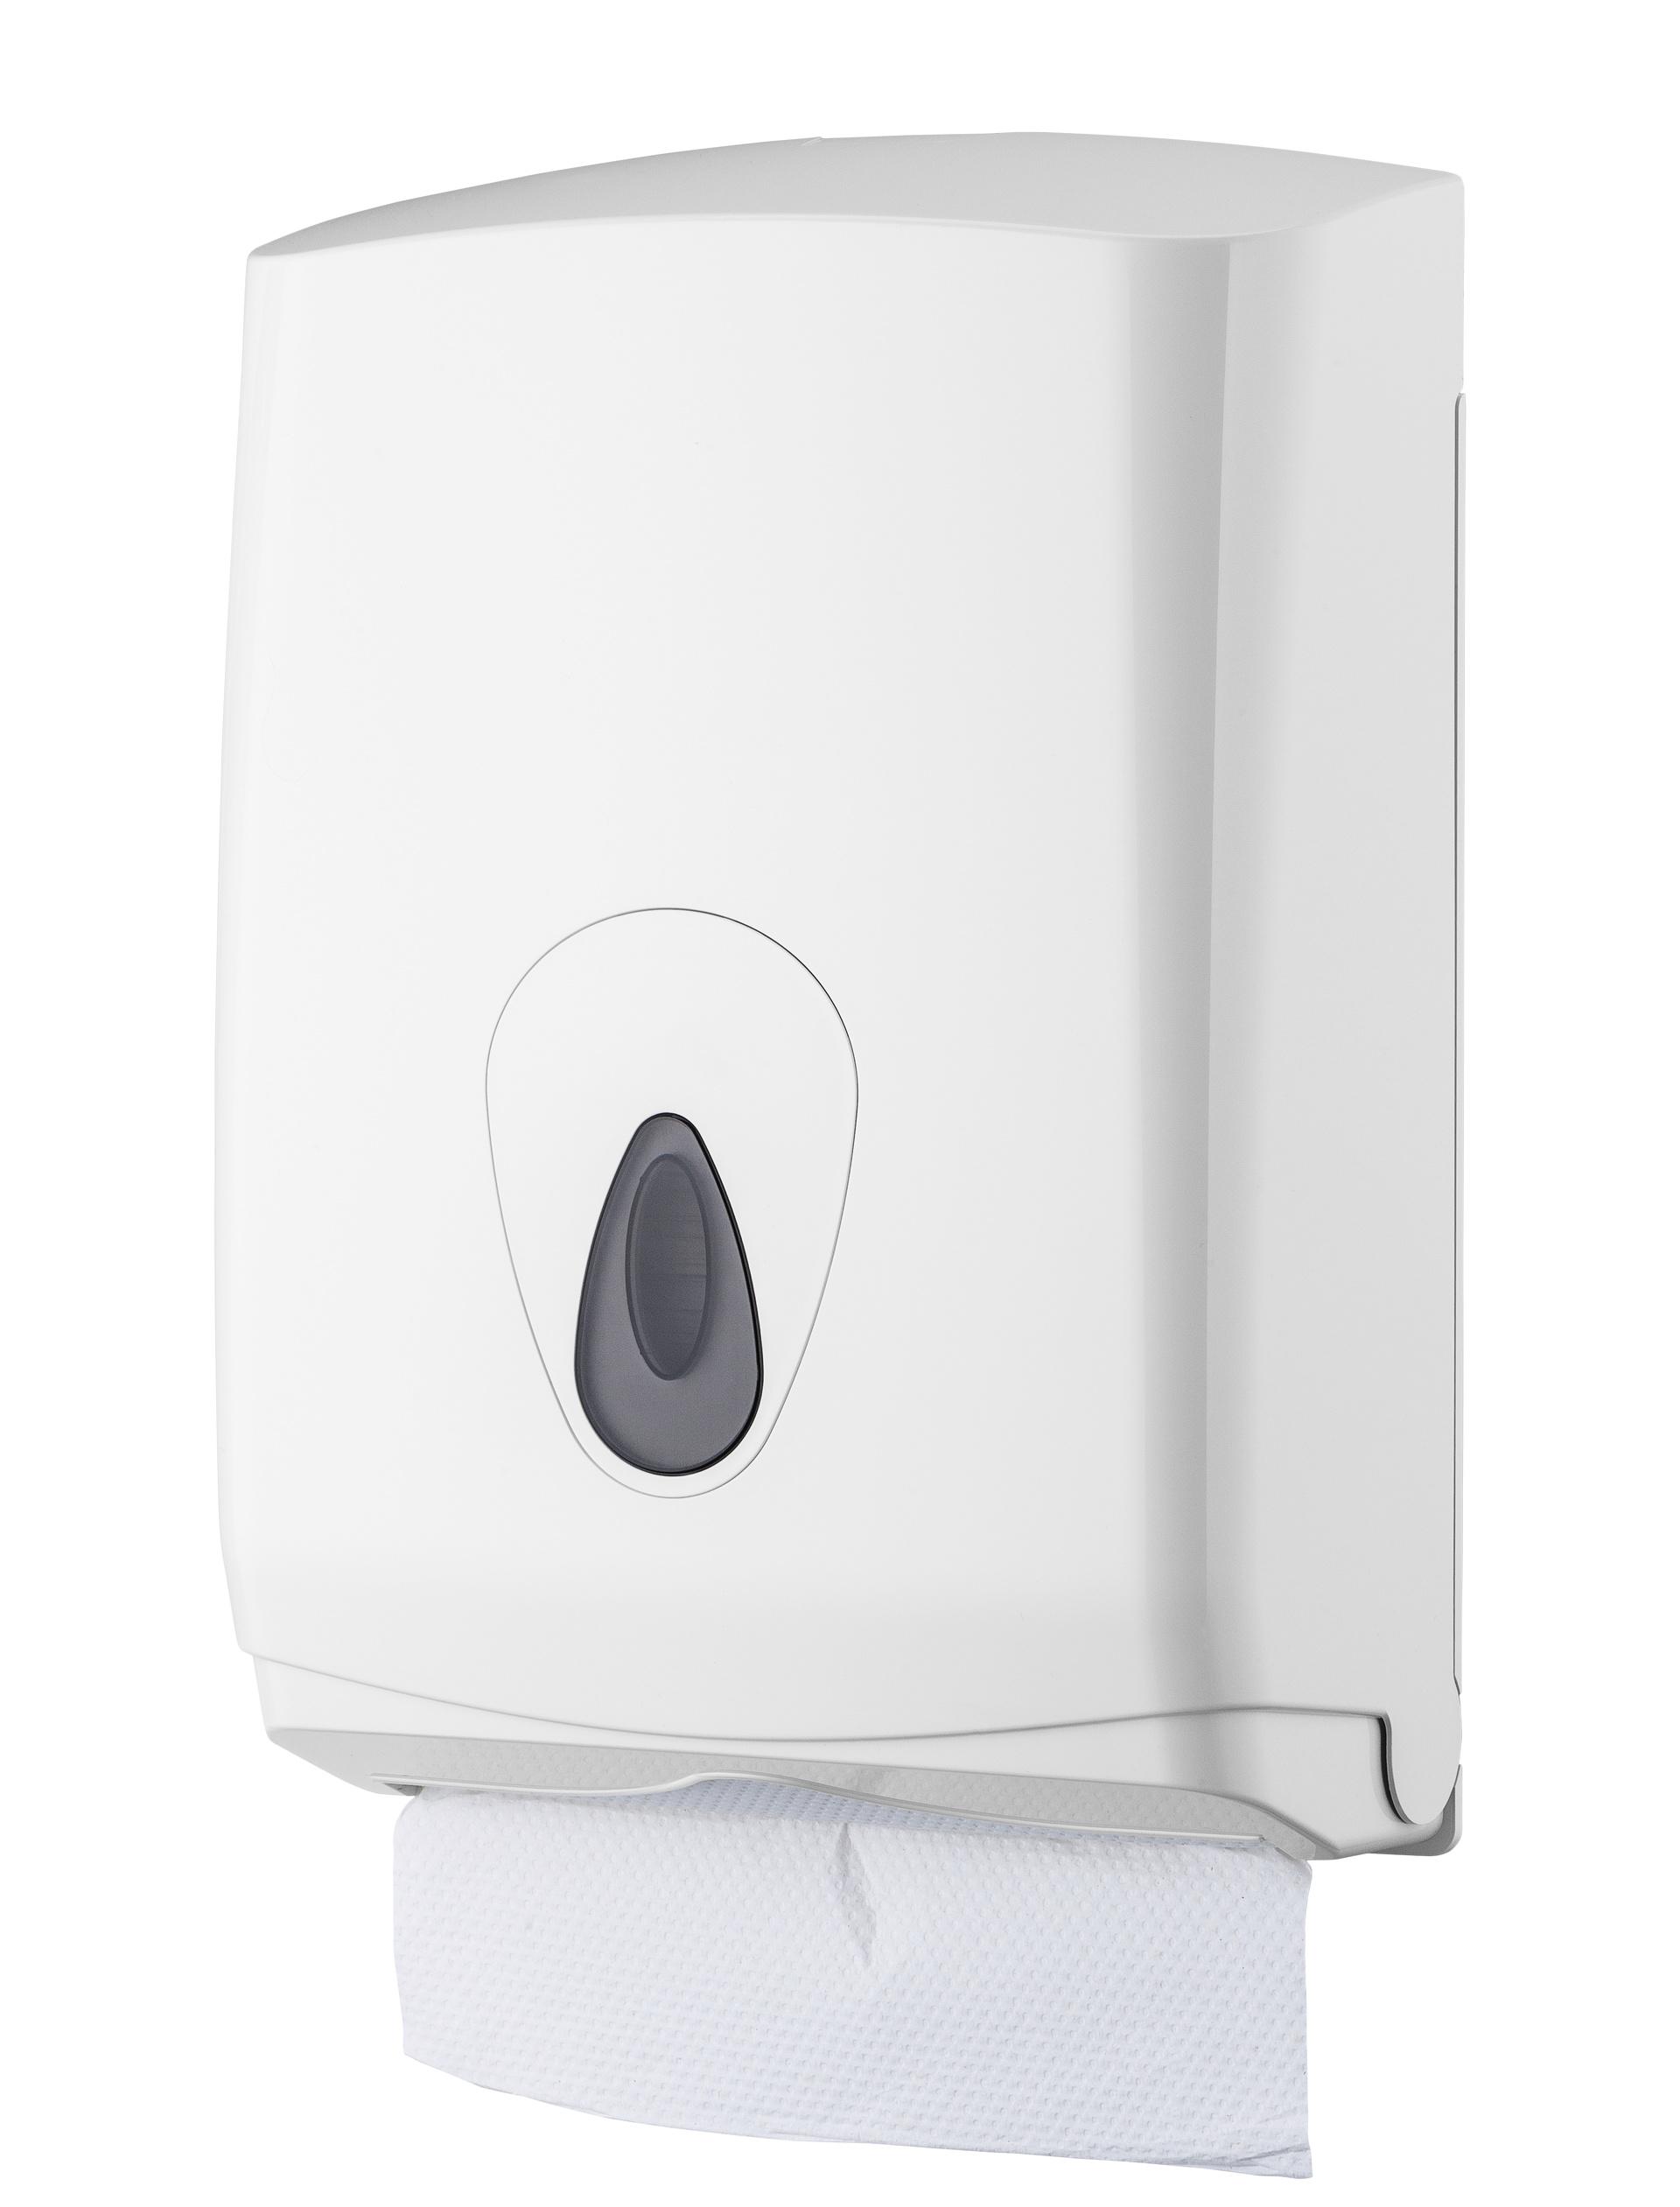 Falthandtuchspender Maxi zur Wandmontage, weiß, 42 x 29 x 14 cm